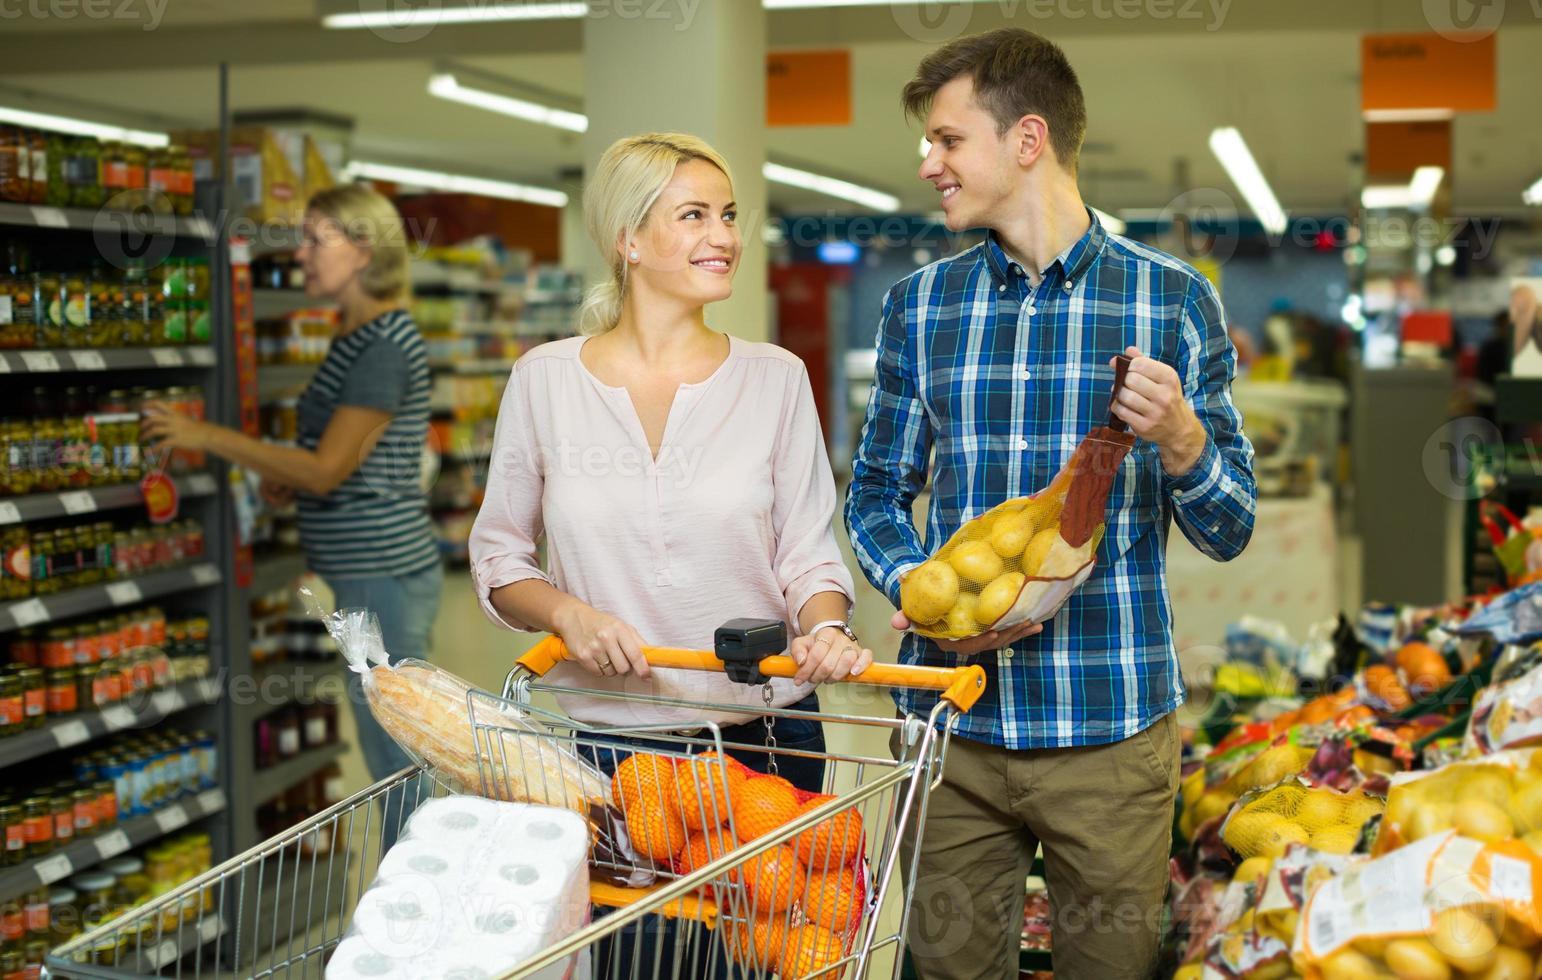 famiglia che compra frutta dolce foto